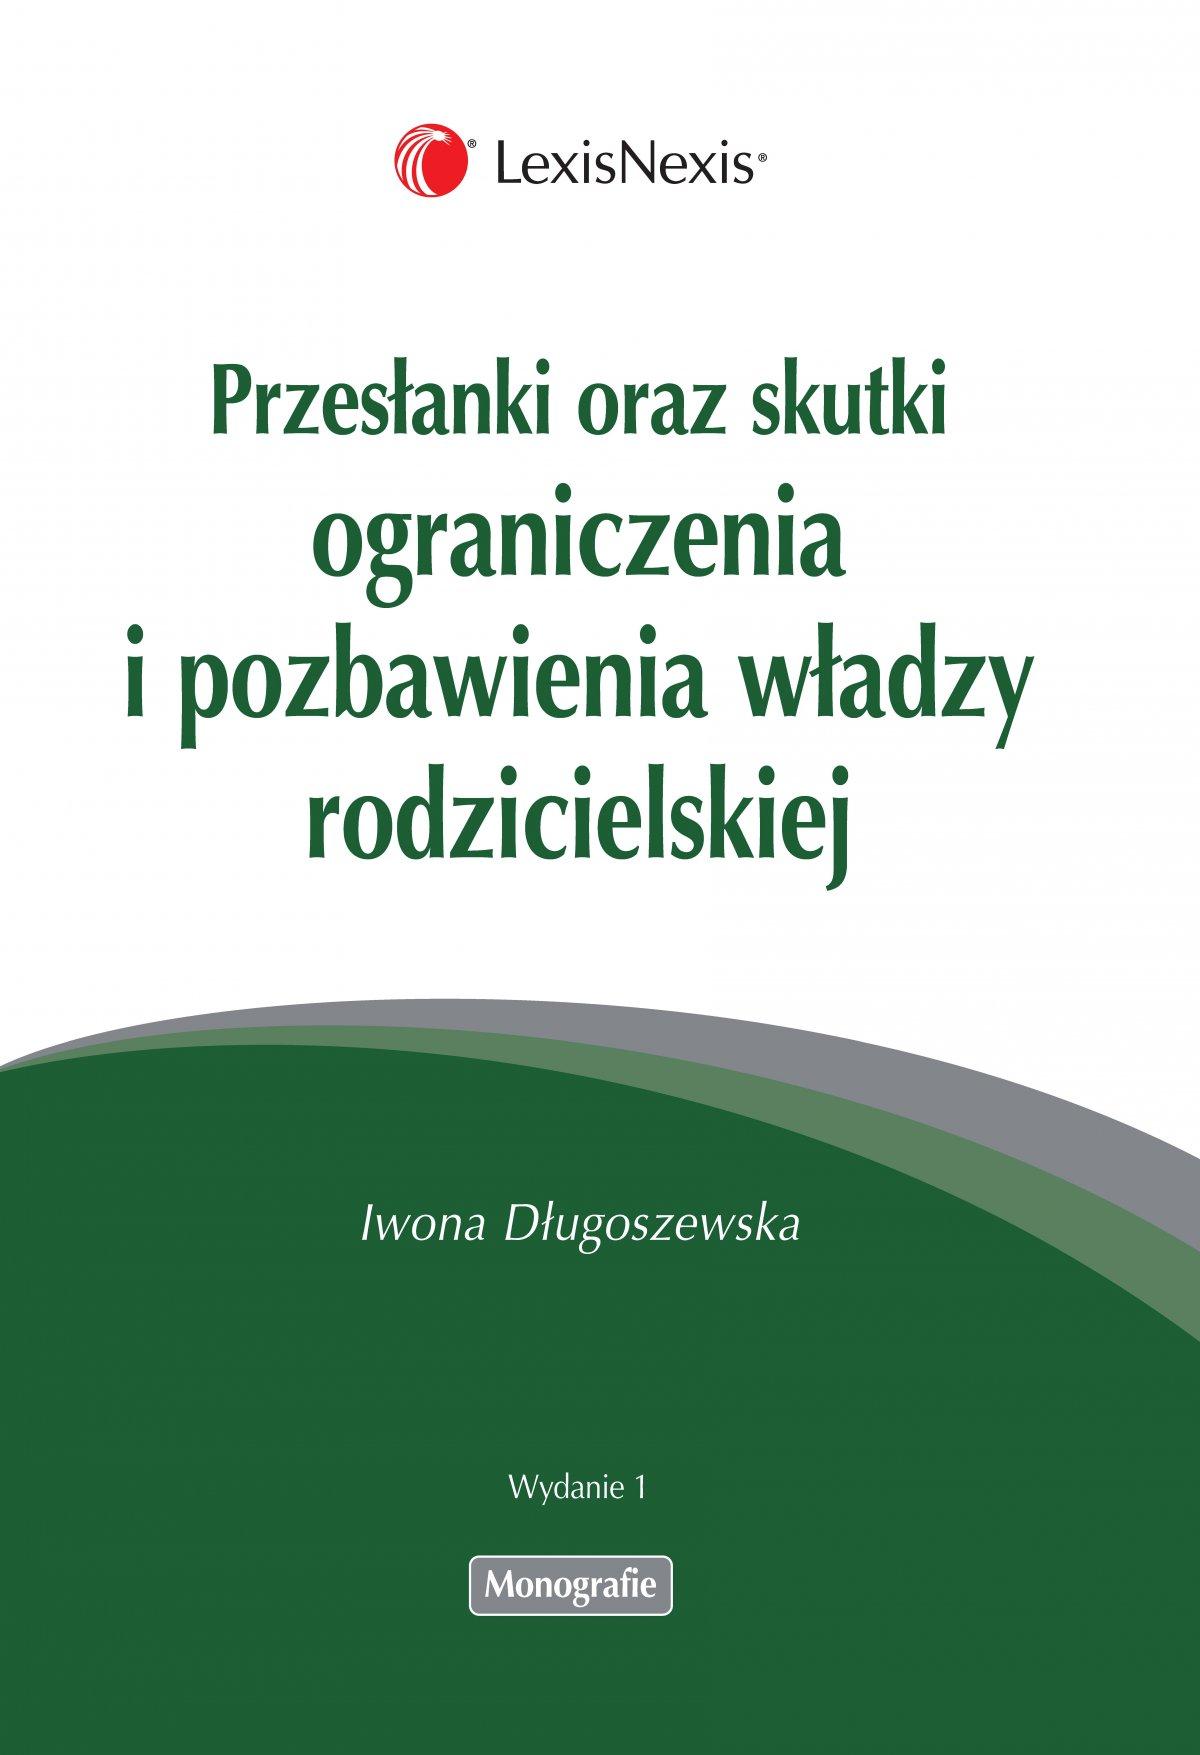 Przesłanki oraz skutki ograniczenia i pozbawienia władzy rodzicielskiej - Ebook (Książka EPUB) do pobrania w formacie EPUB